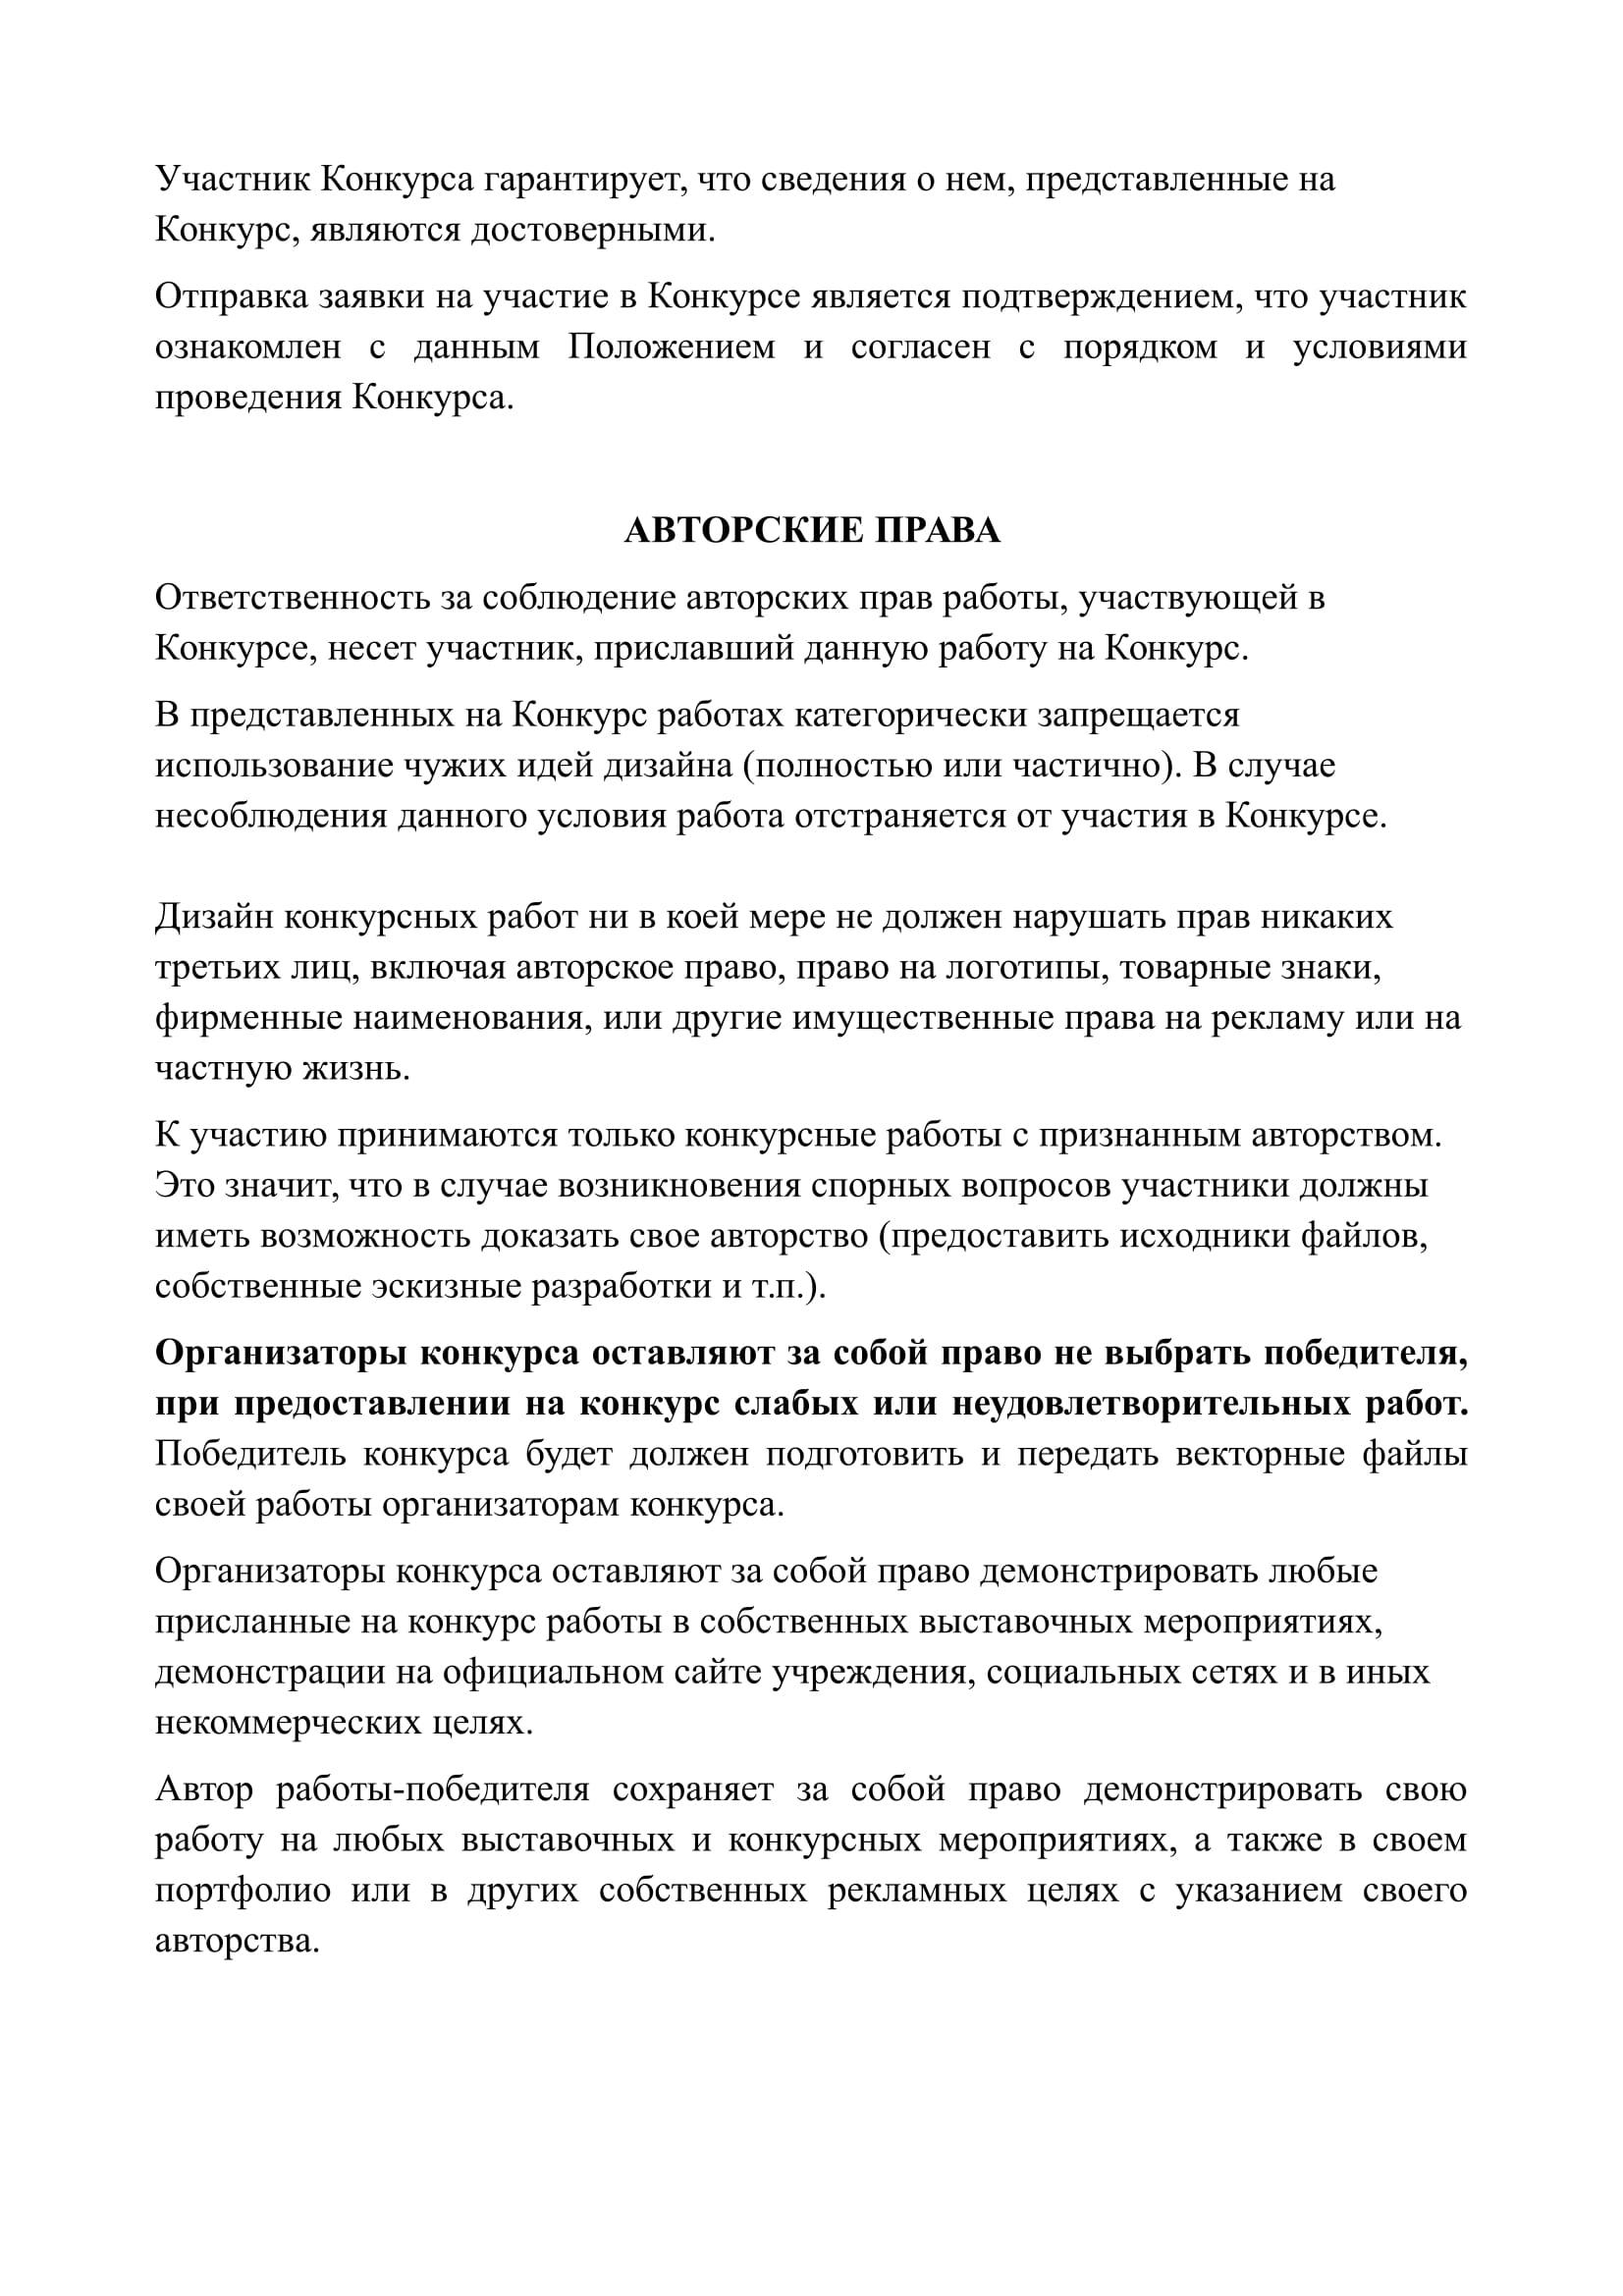 Forum2018_polozhenie_o_konkurse_logo_0 (3)-4